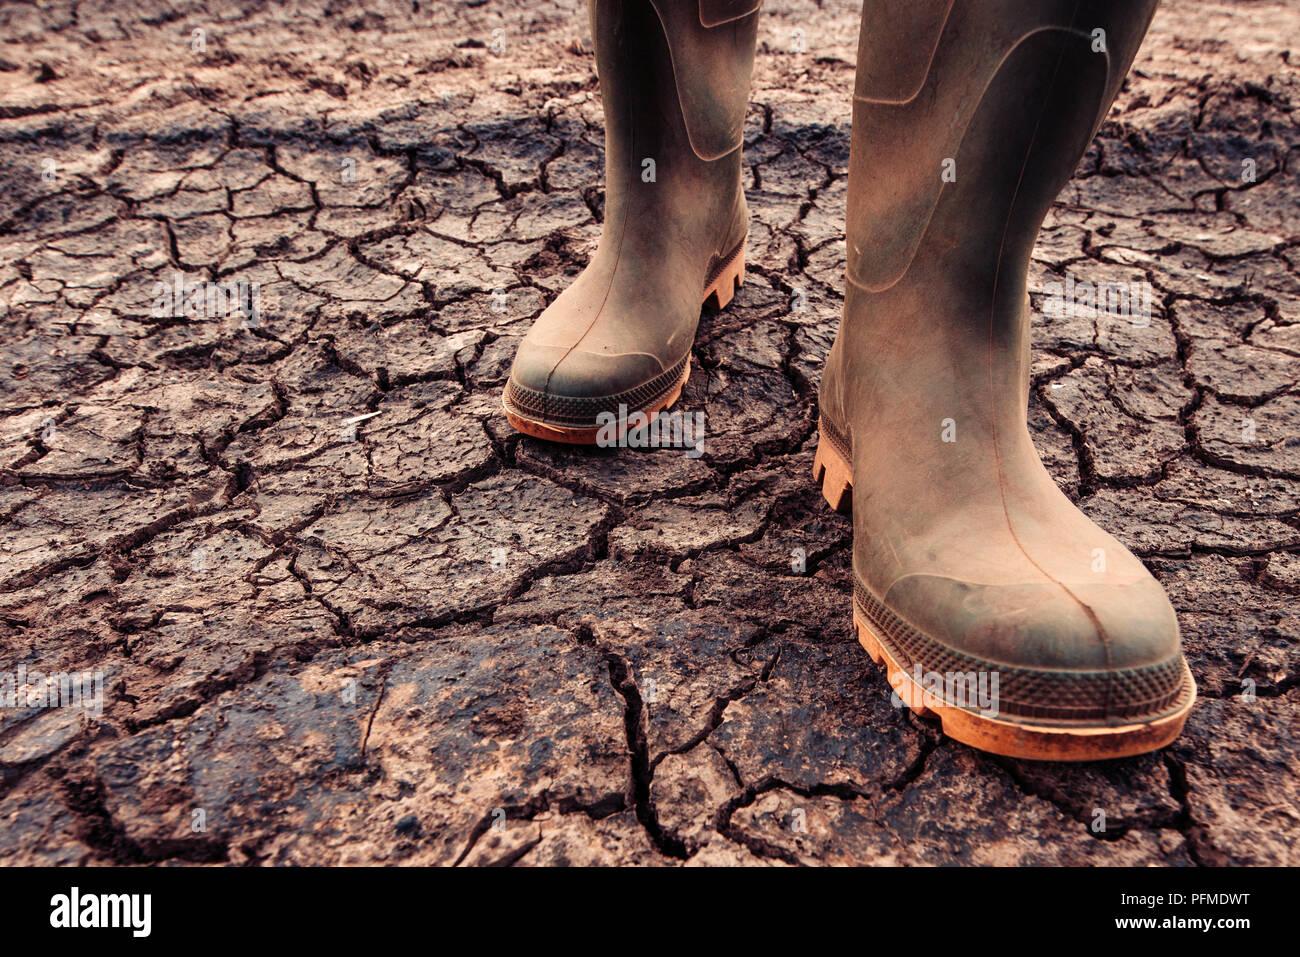 Gummistiefel Landwirt Trockenem Boden Auf Stehen In 3L5jSqcRA4